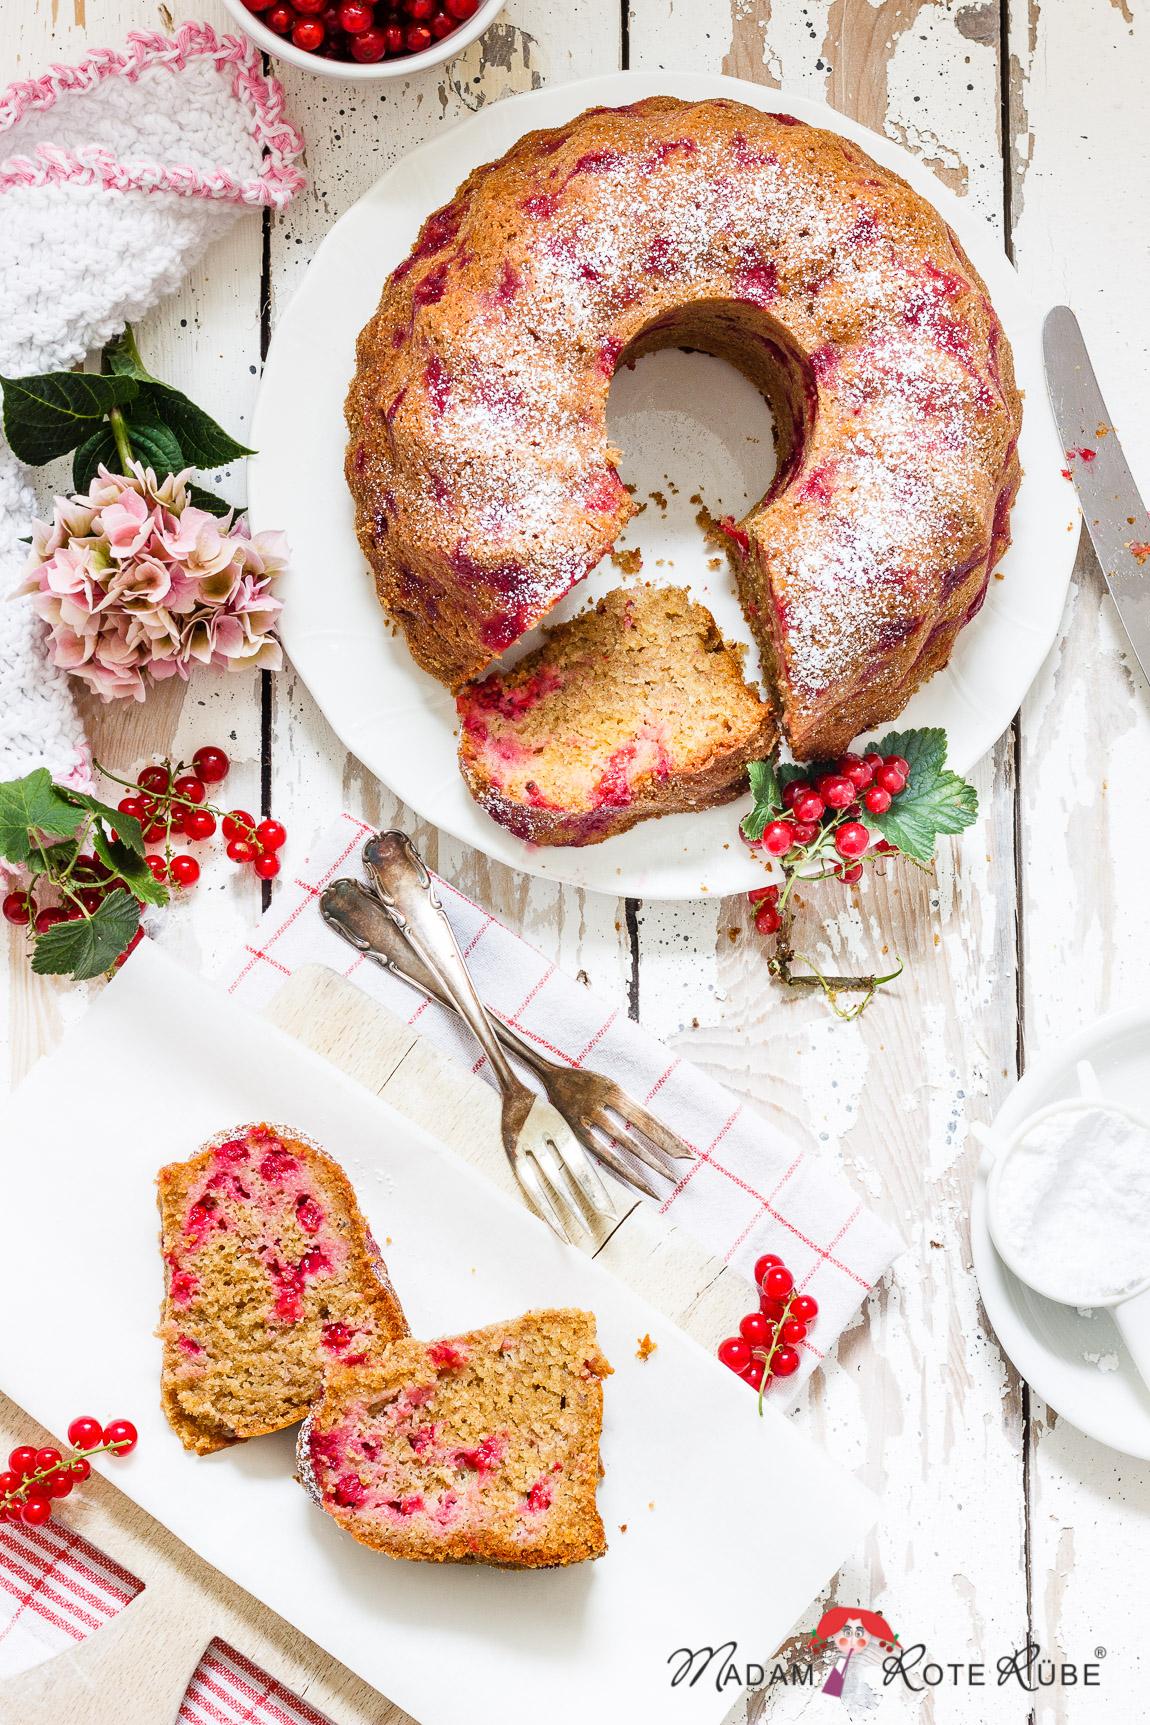 Madam Rote Rübe - Johannisbeer-Schmand-Gugelhupf mit Dinkelvollkornmehl für den kleinen Beerenhunger